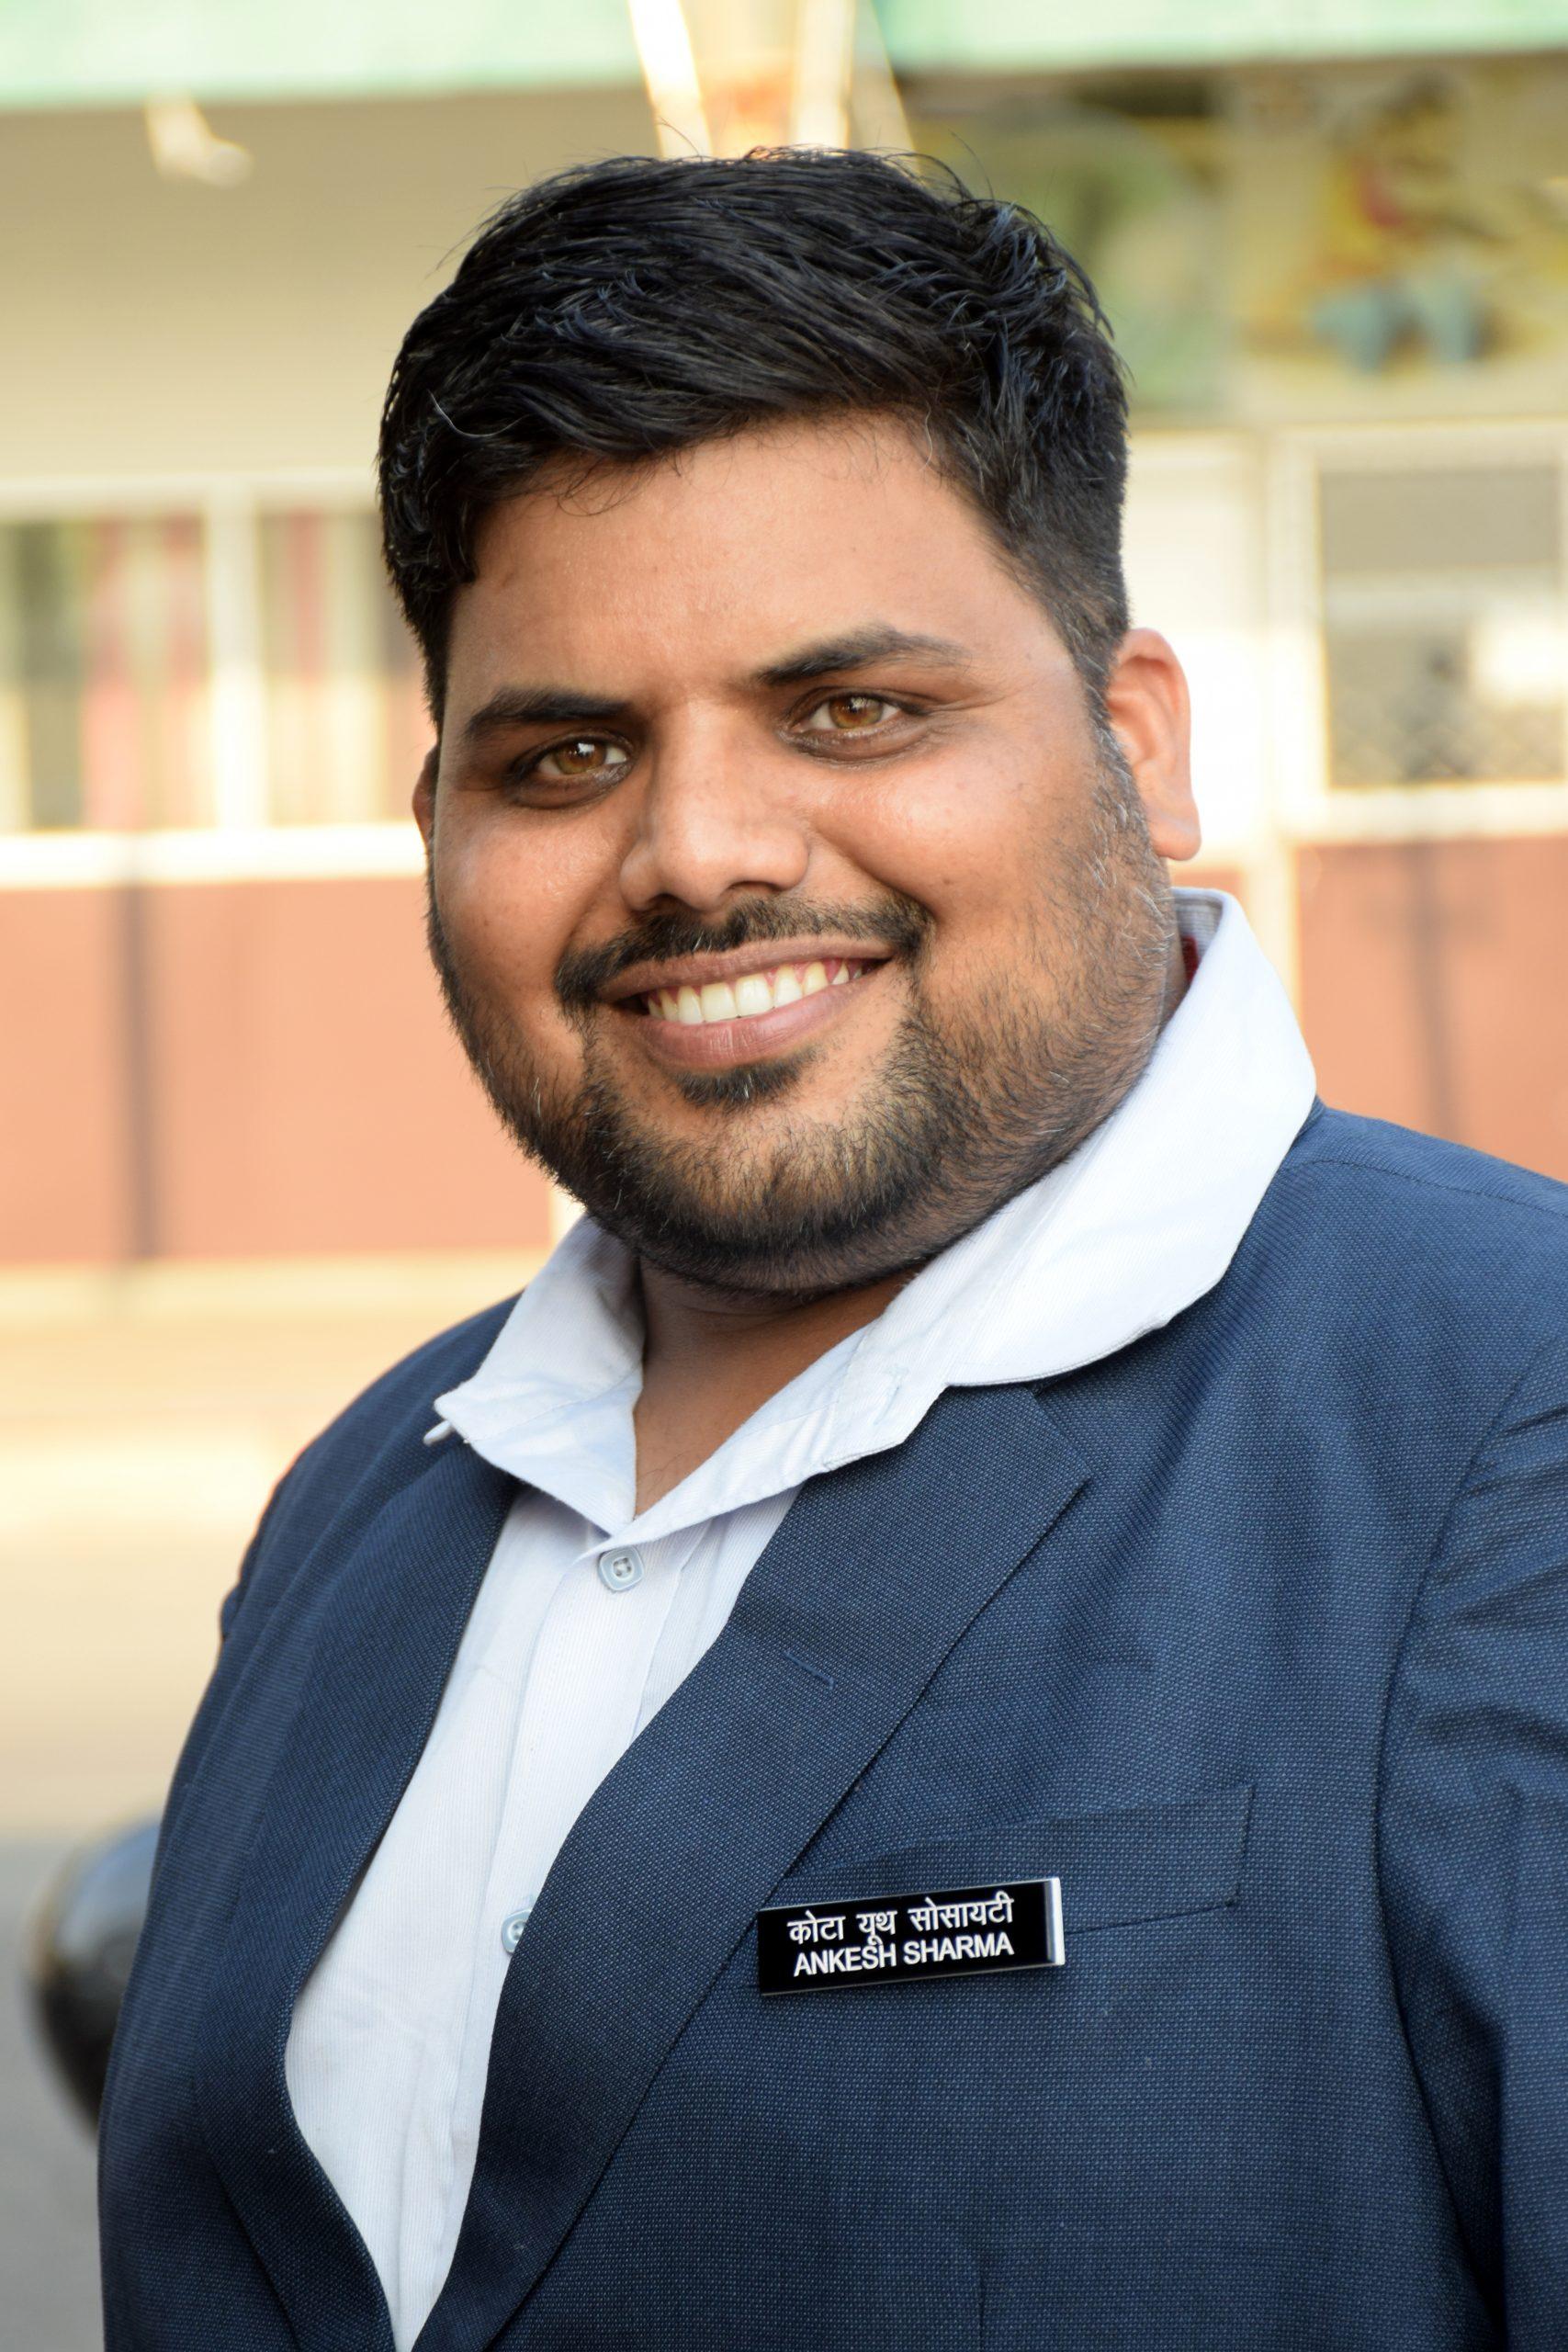 Ankesh Sharma